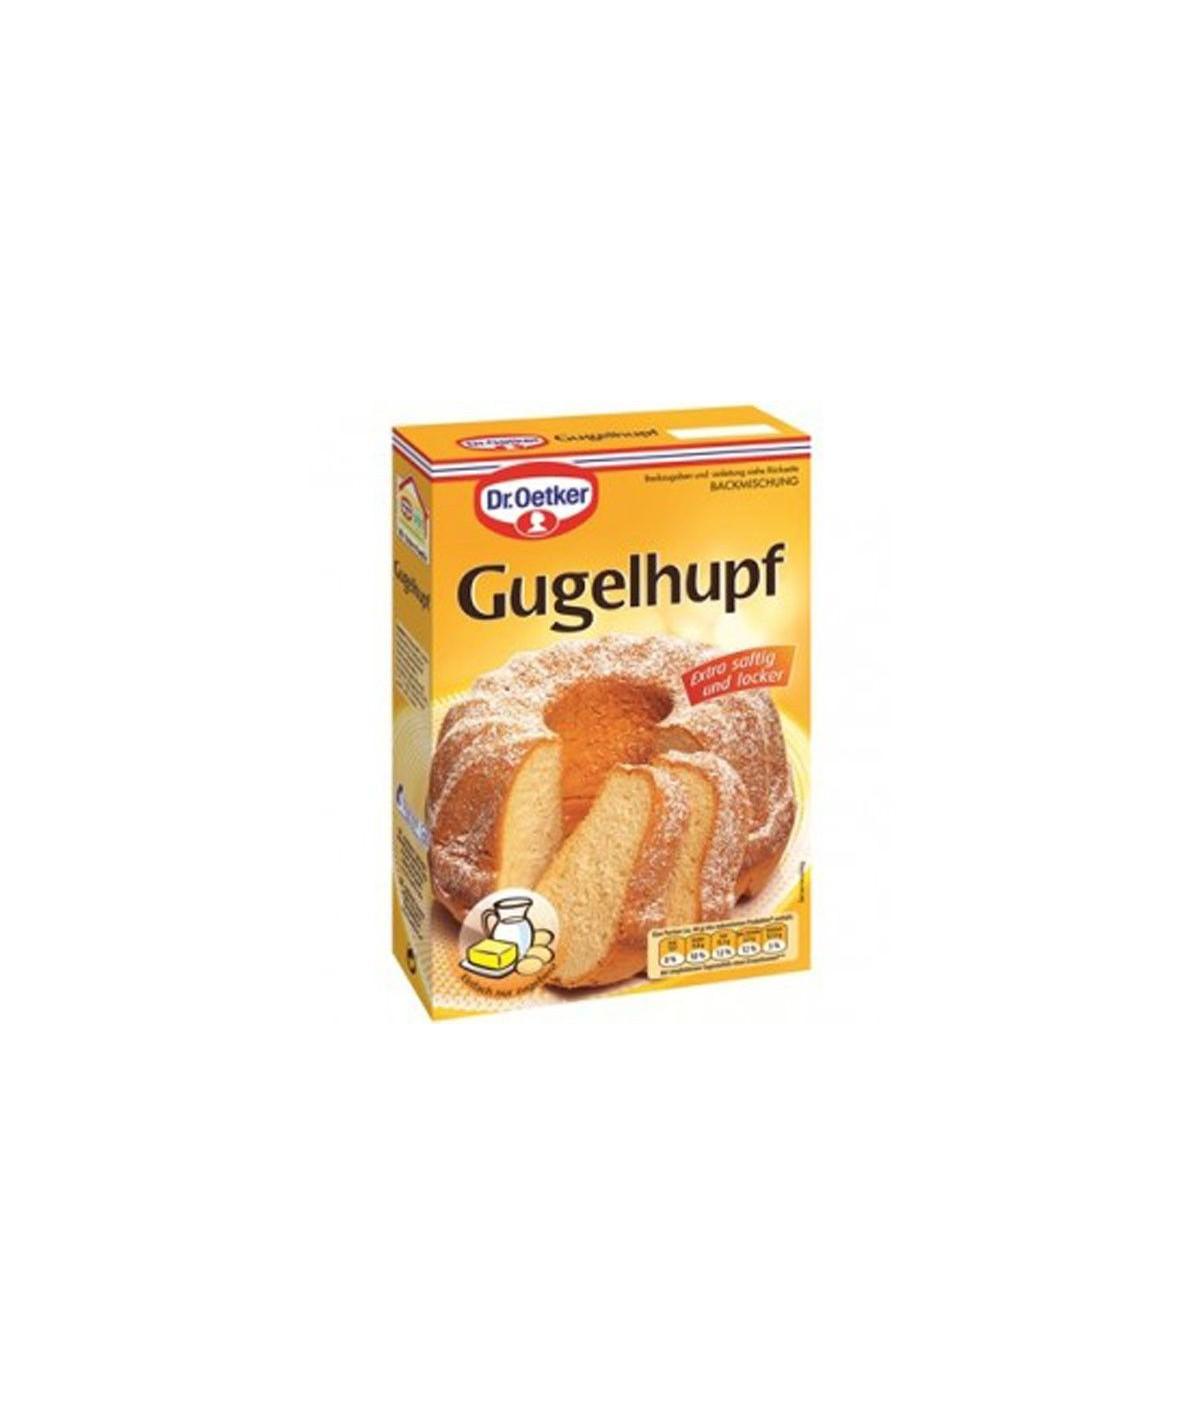 Backmischung Gugelhupf Dr.Oetker 460 g